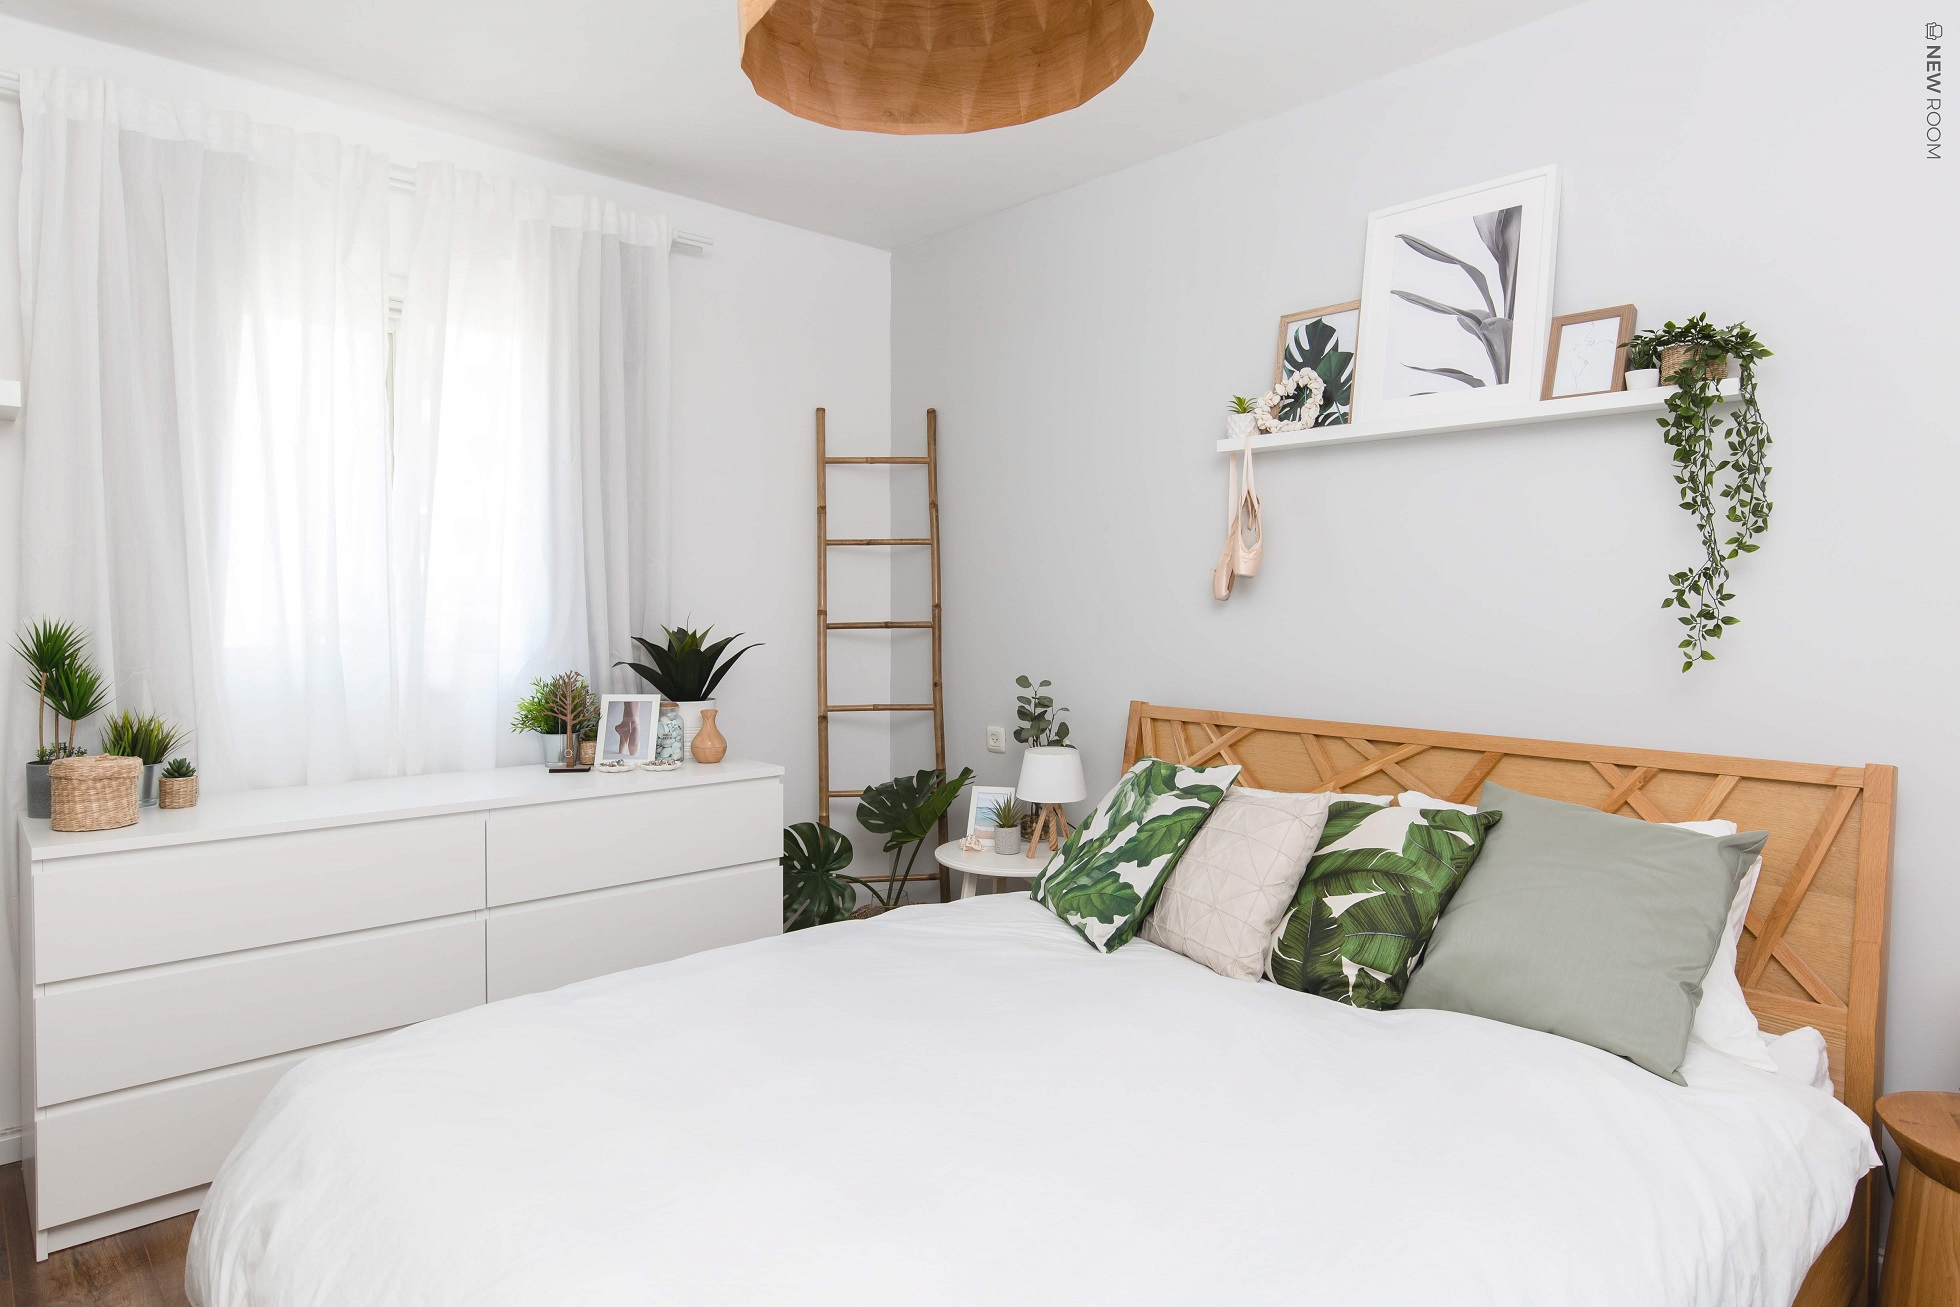 עיצוב חדר שינה - פרויקט של המעצבות נטעלי וטל, צילום: דנה סטמפלר